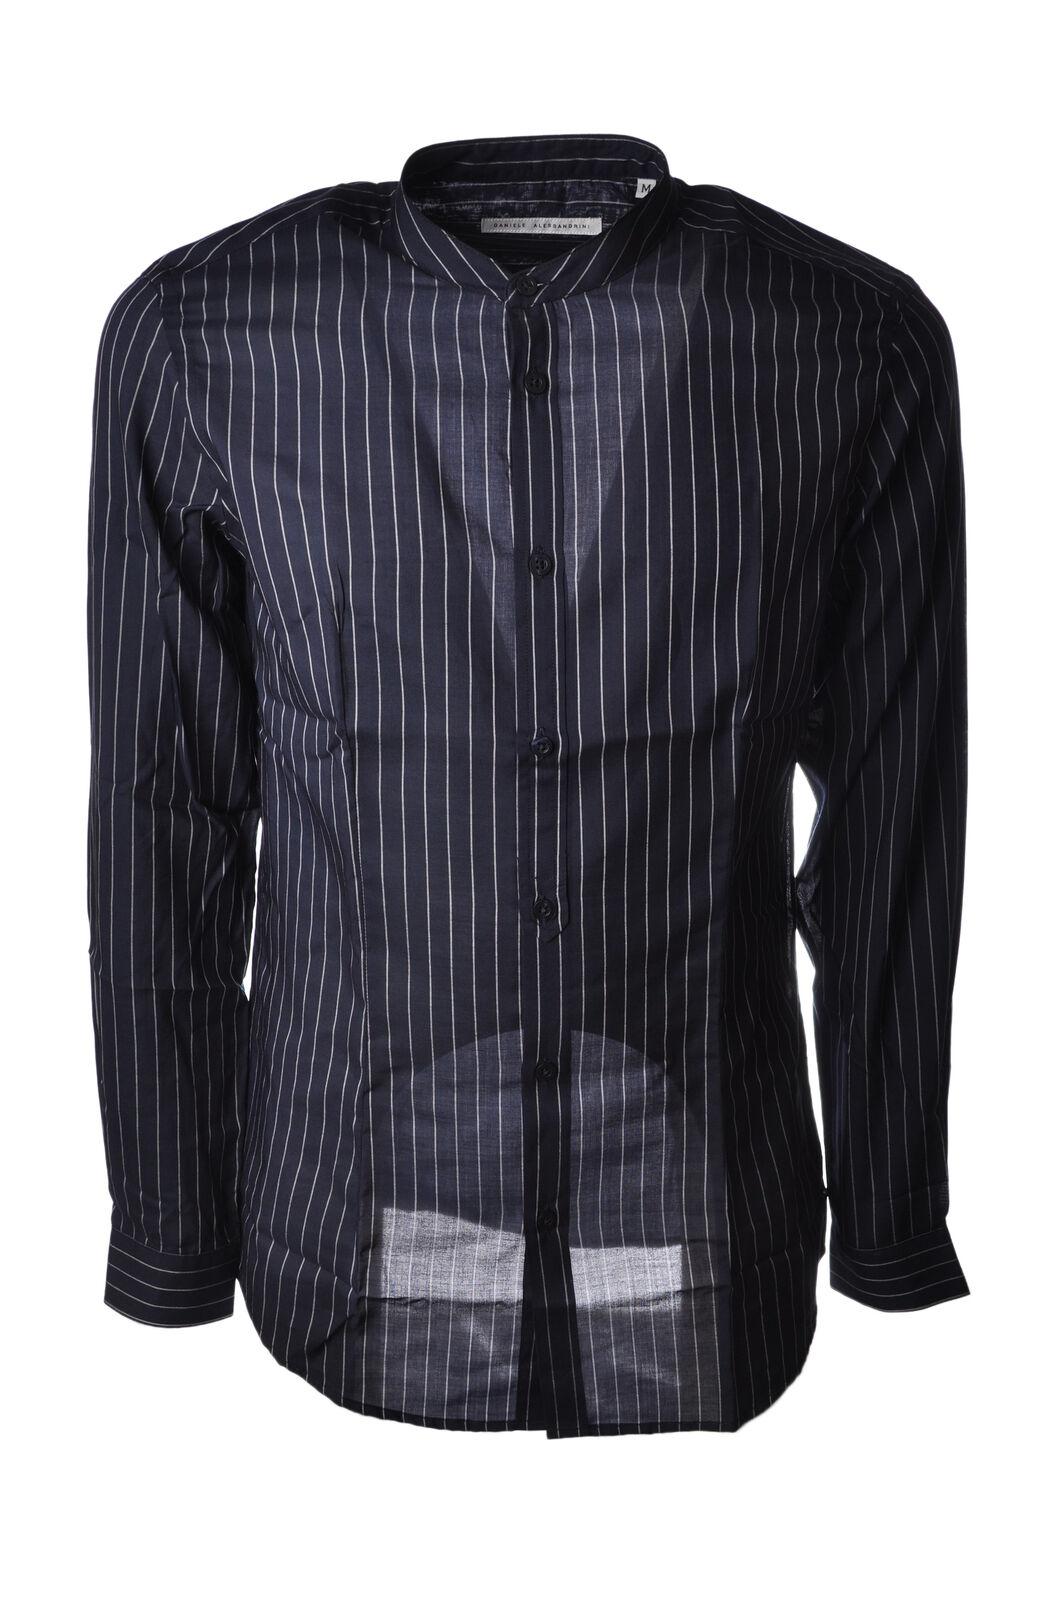 Daniele Alessandrini - Blusen-Shirt - Mann - Blau - 5044310H184539